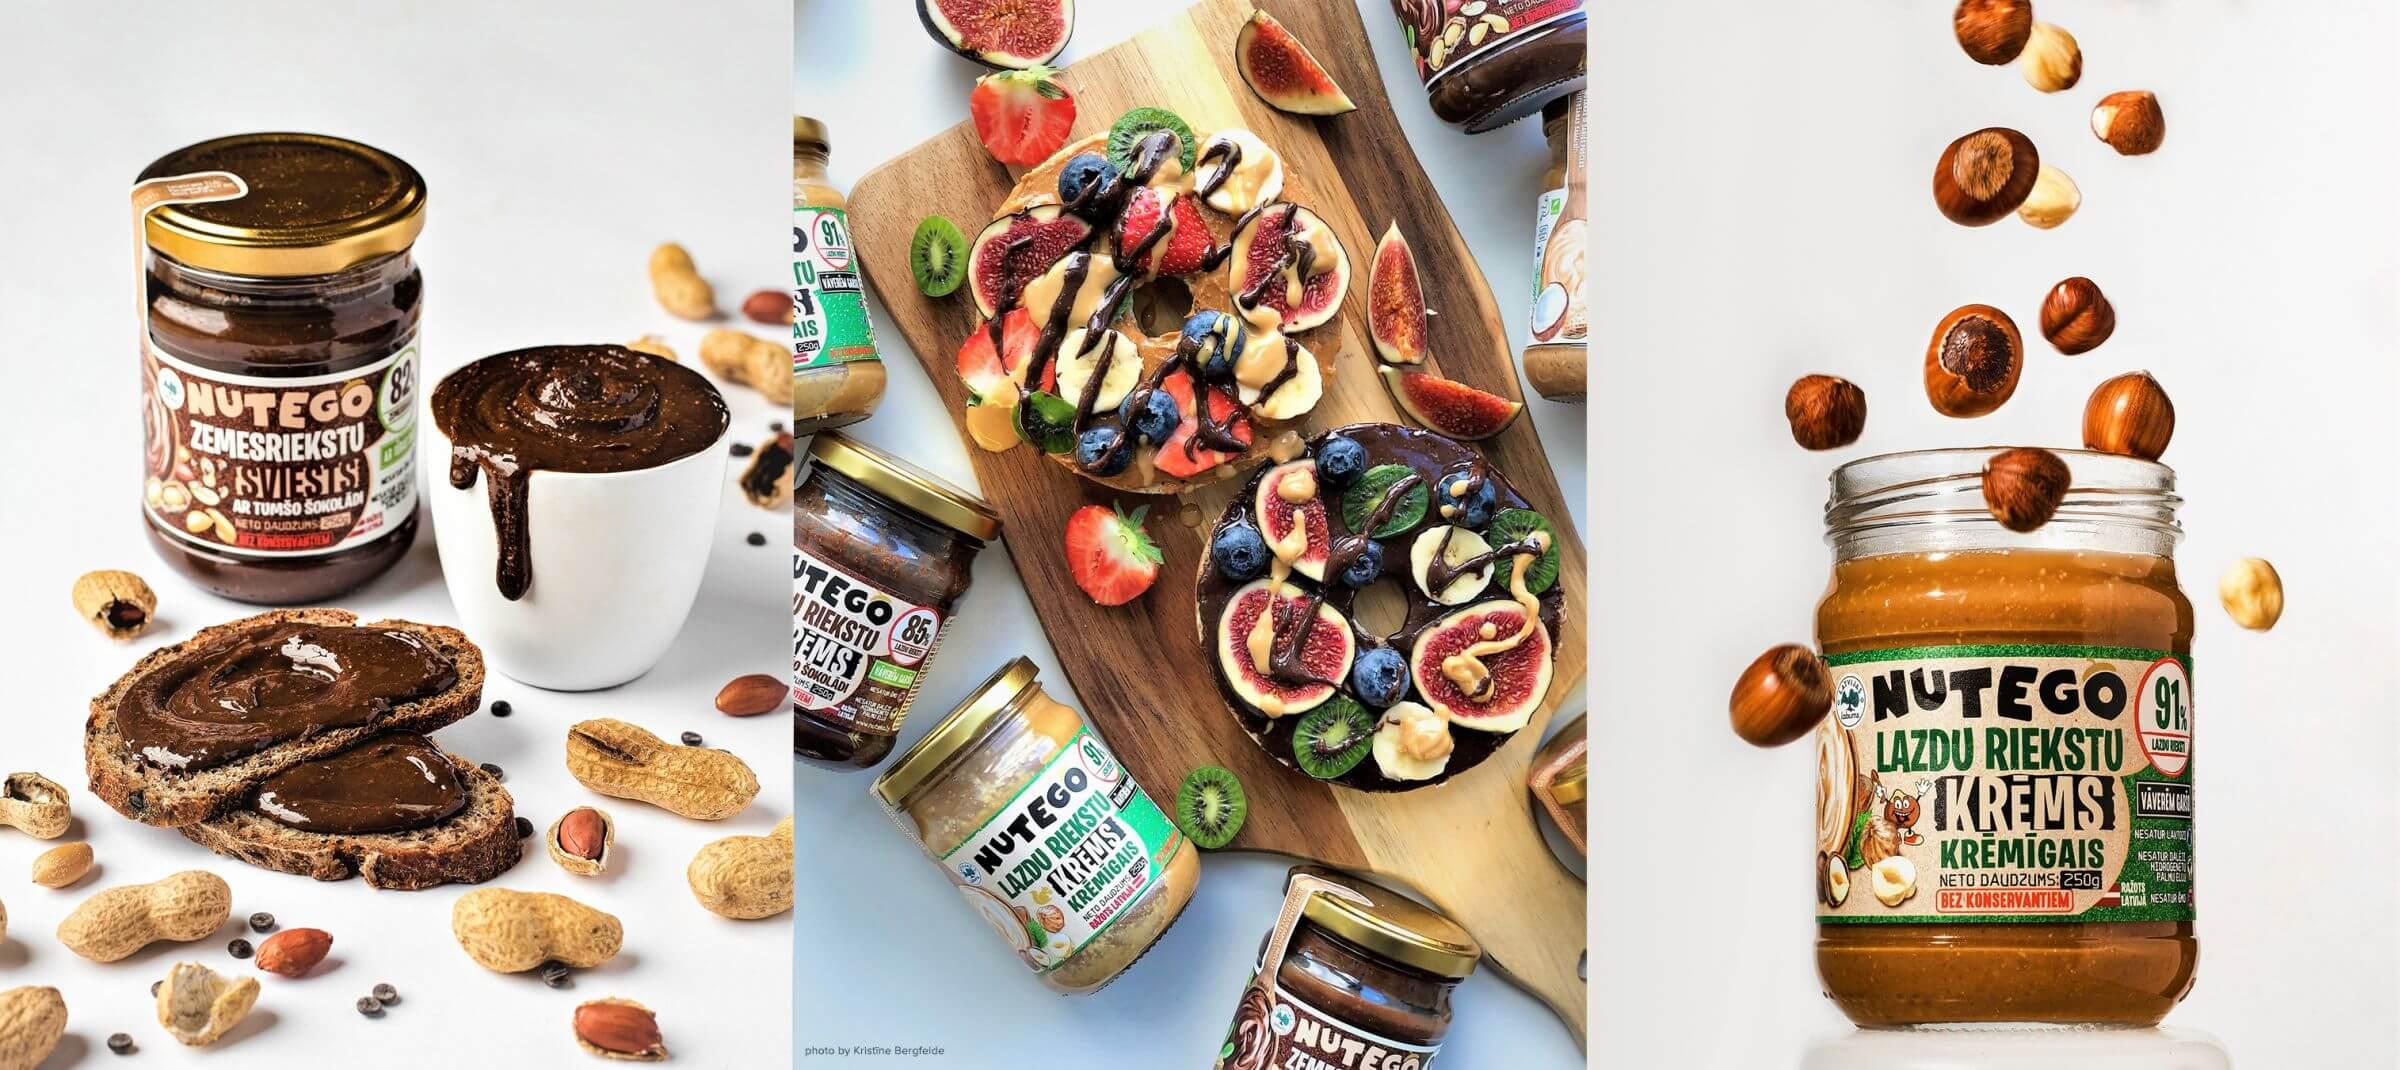 Nutego - Zemesriekstu, mandeļu riekstu, lazdu riekstu sviesti un krēmi